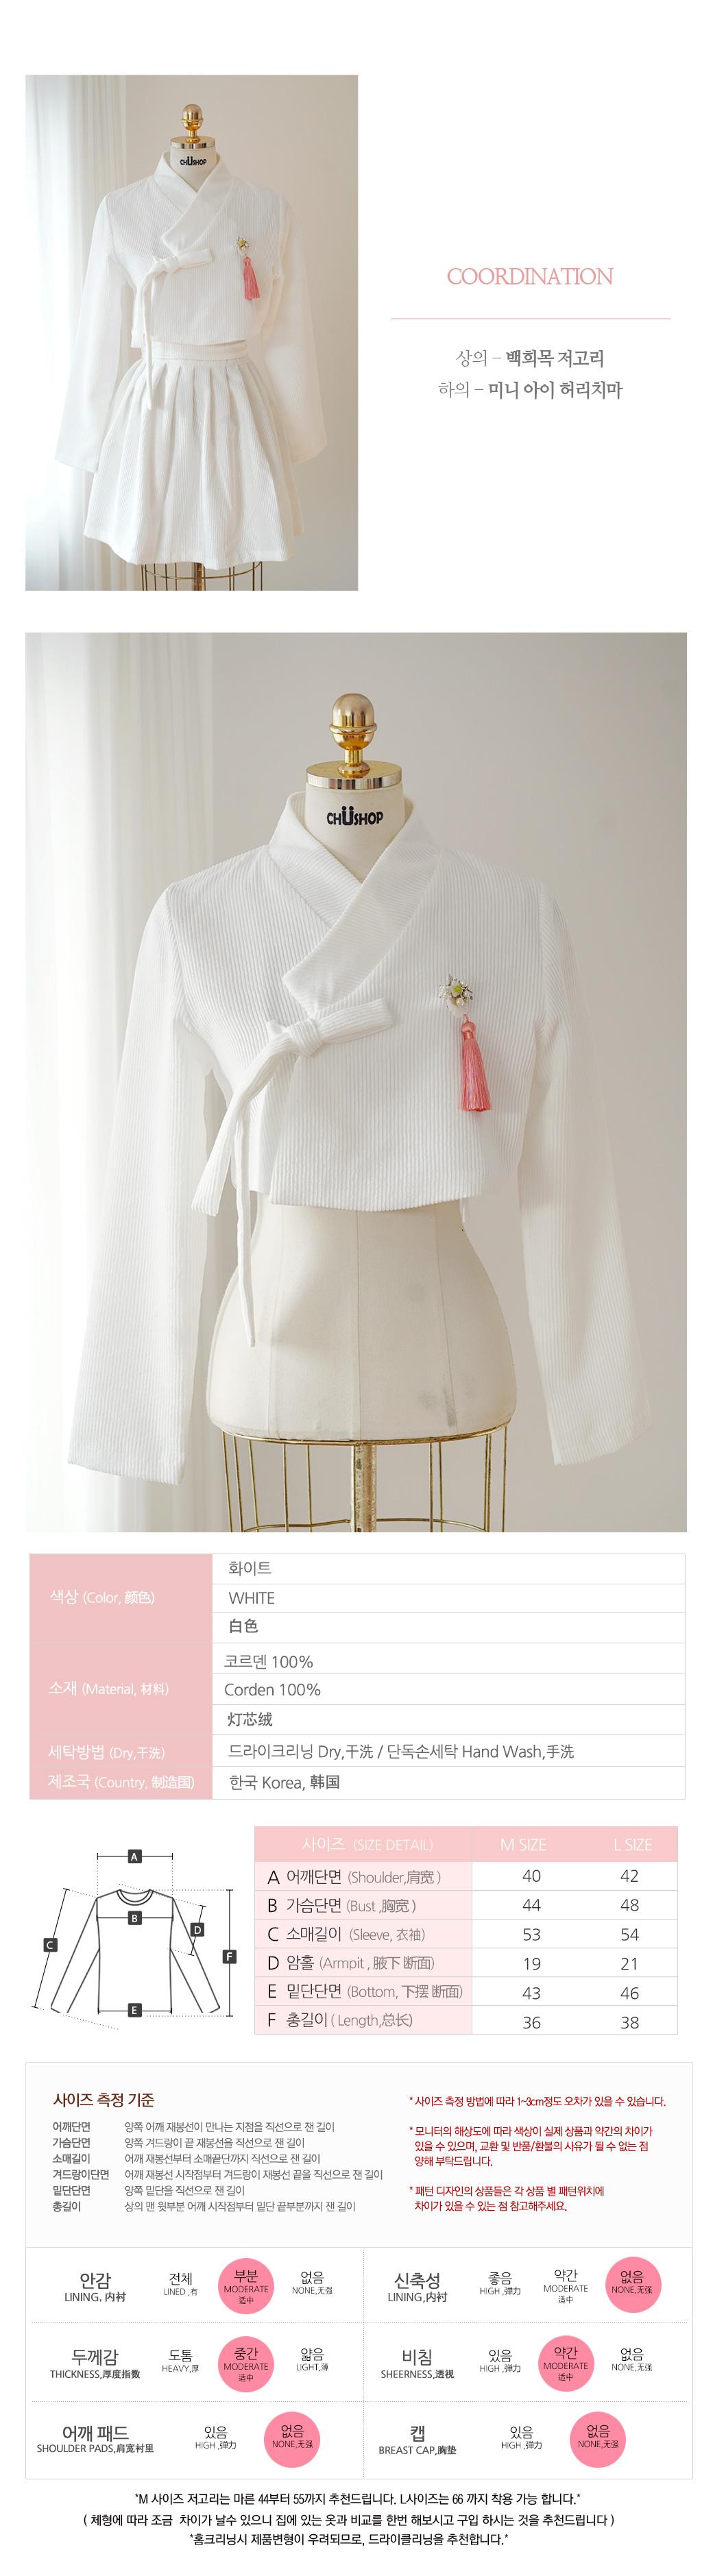 생활한복세트 백화목+미니 아이70,900원-츄샵패션의류, 생활한복, 생활한복, 여성한복바보사랑생활한복세트 백화목+미니 아이70,900원-츄샵패션의류, 생활한복, 생활한복, 여성한복바보사랑